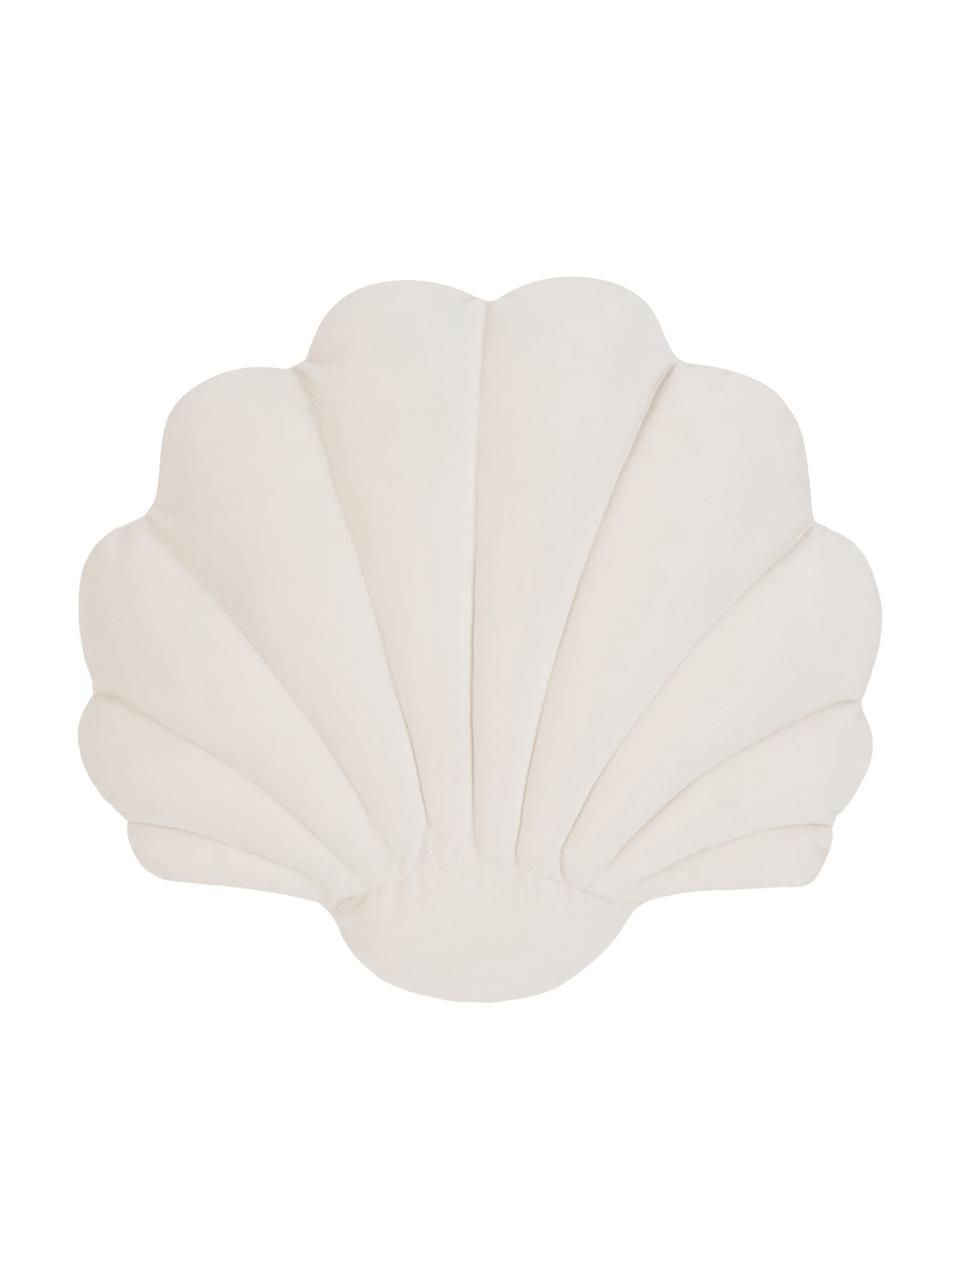 Poduszka z aksamitu Shell, Kremowobiały, S 32 x D 27 cm